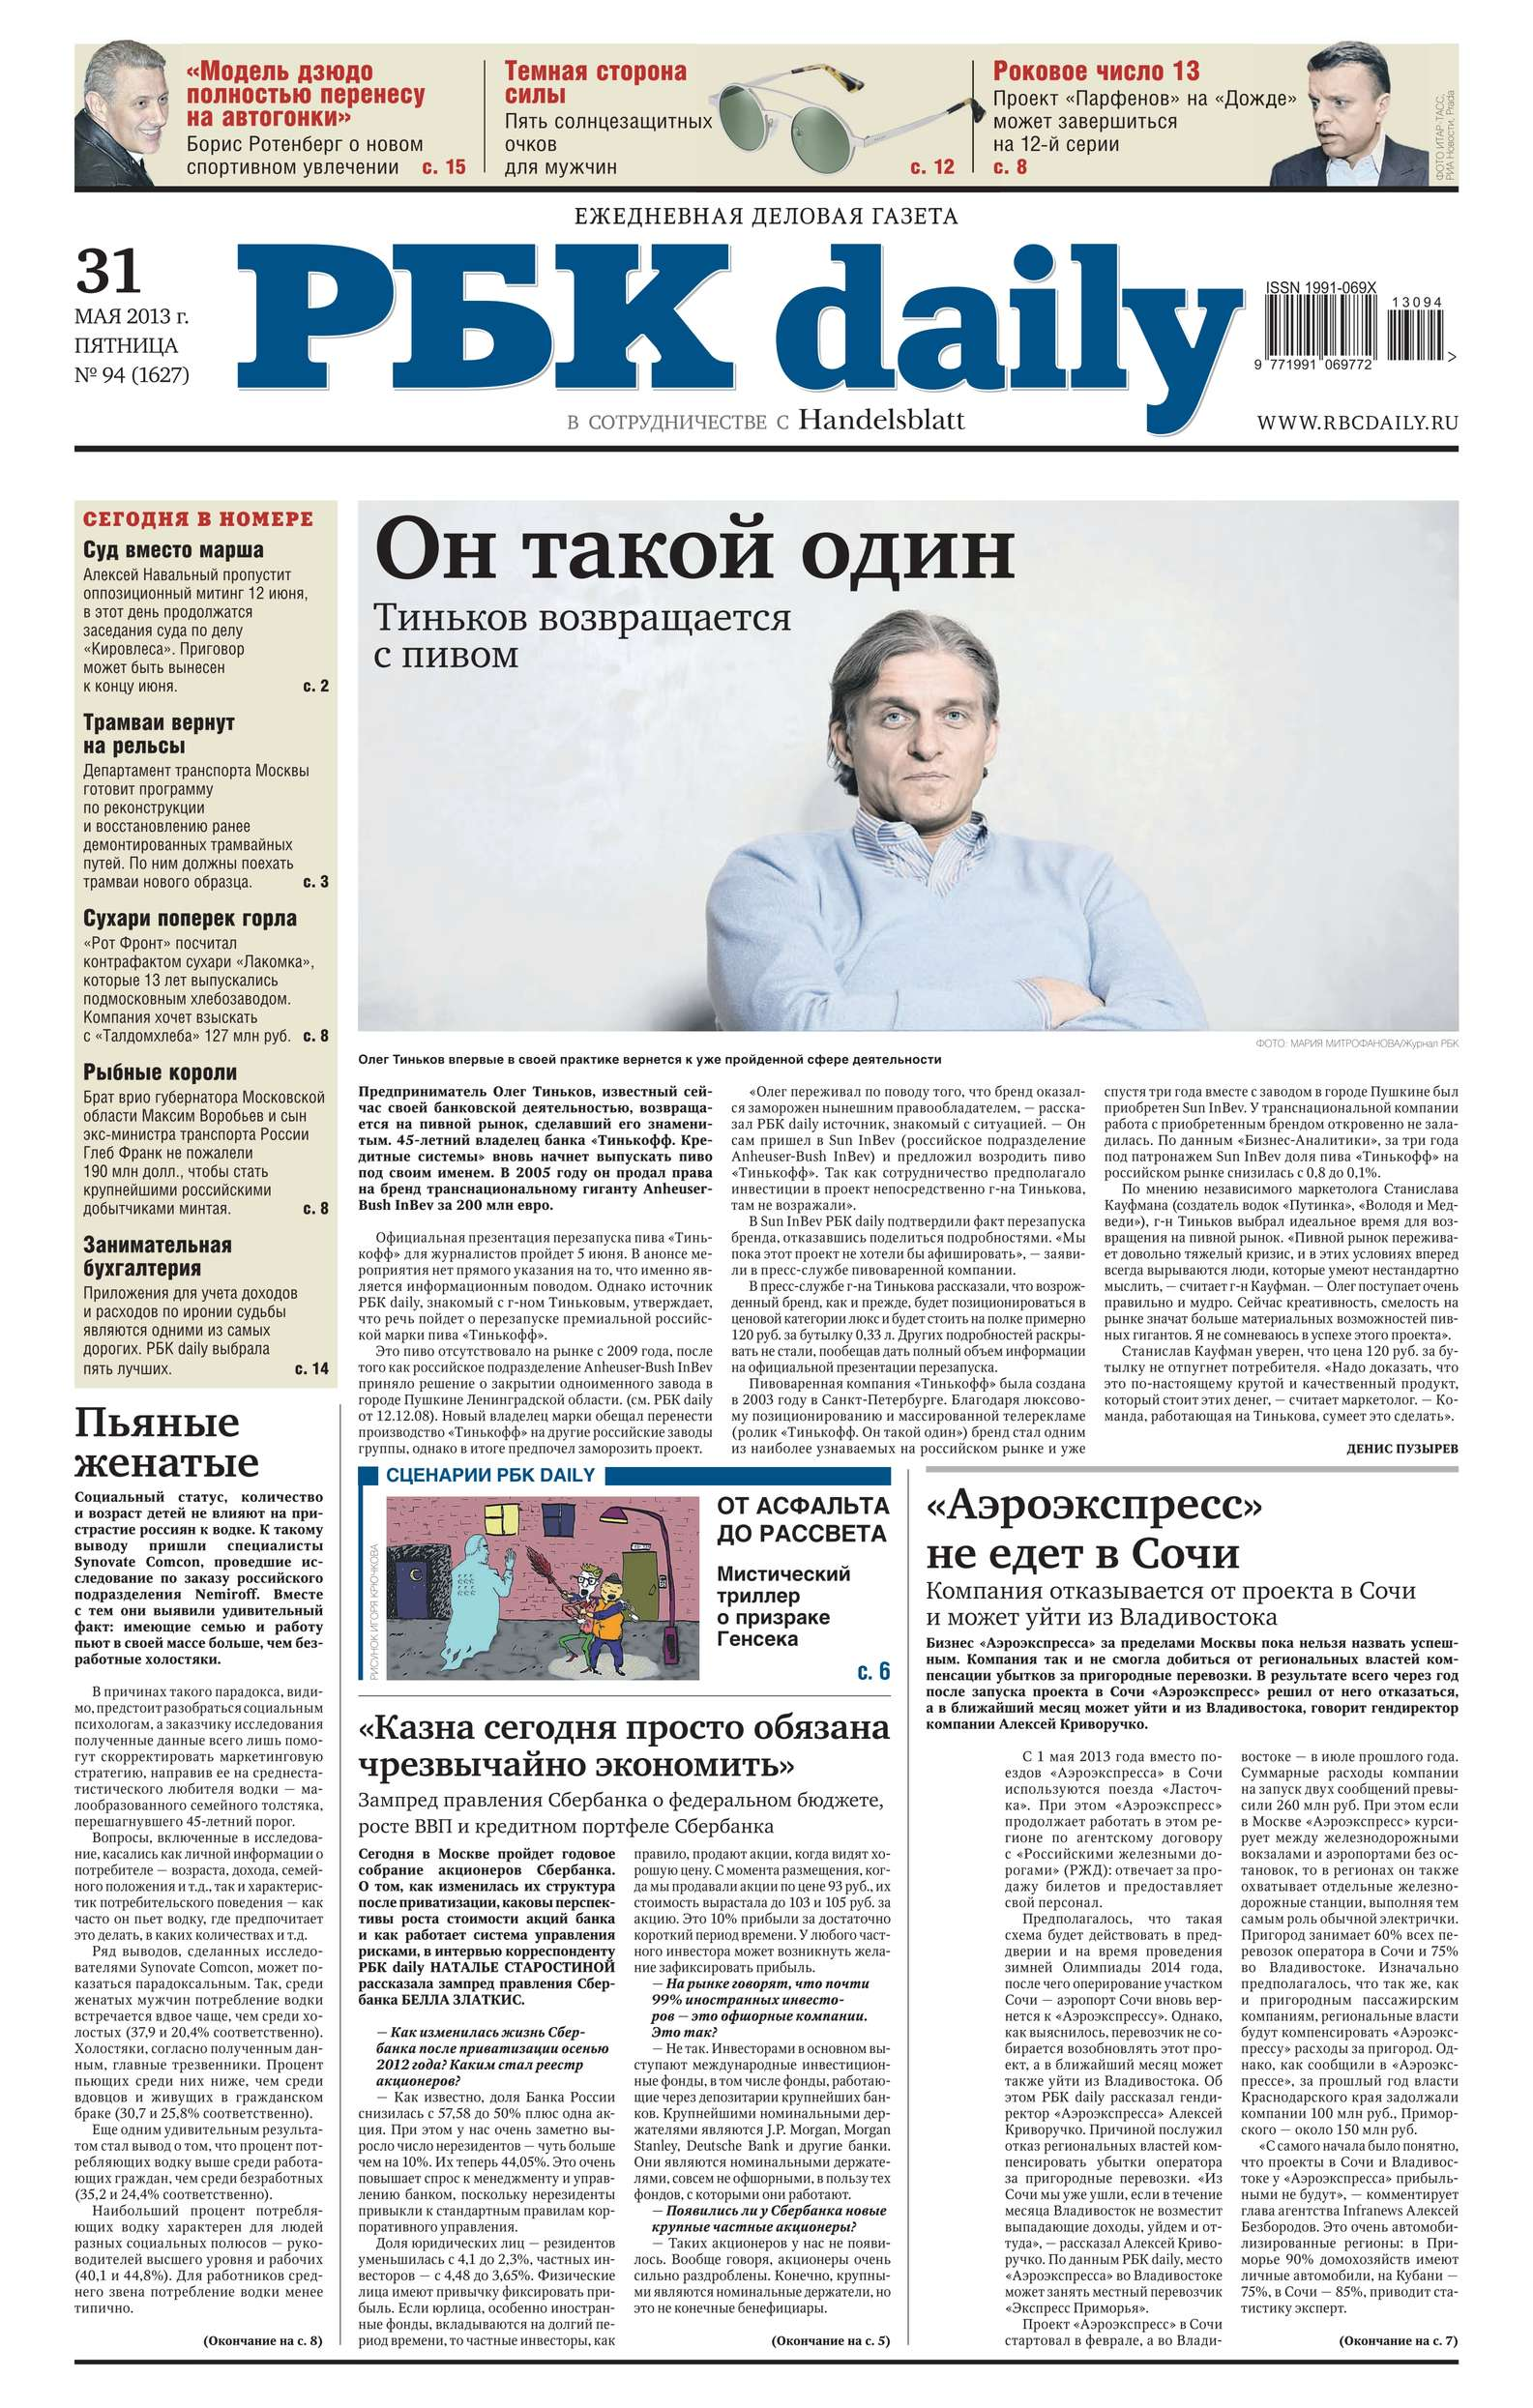 Ежедневная деловая газета РБК 94